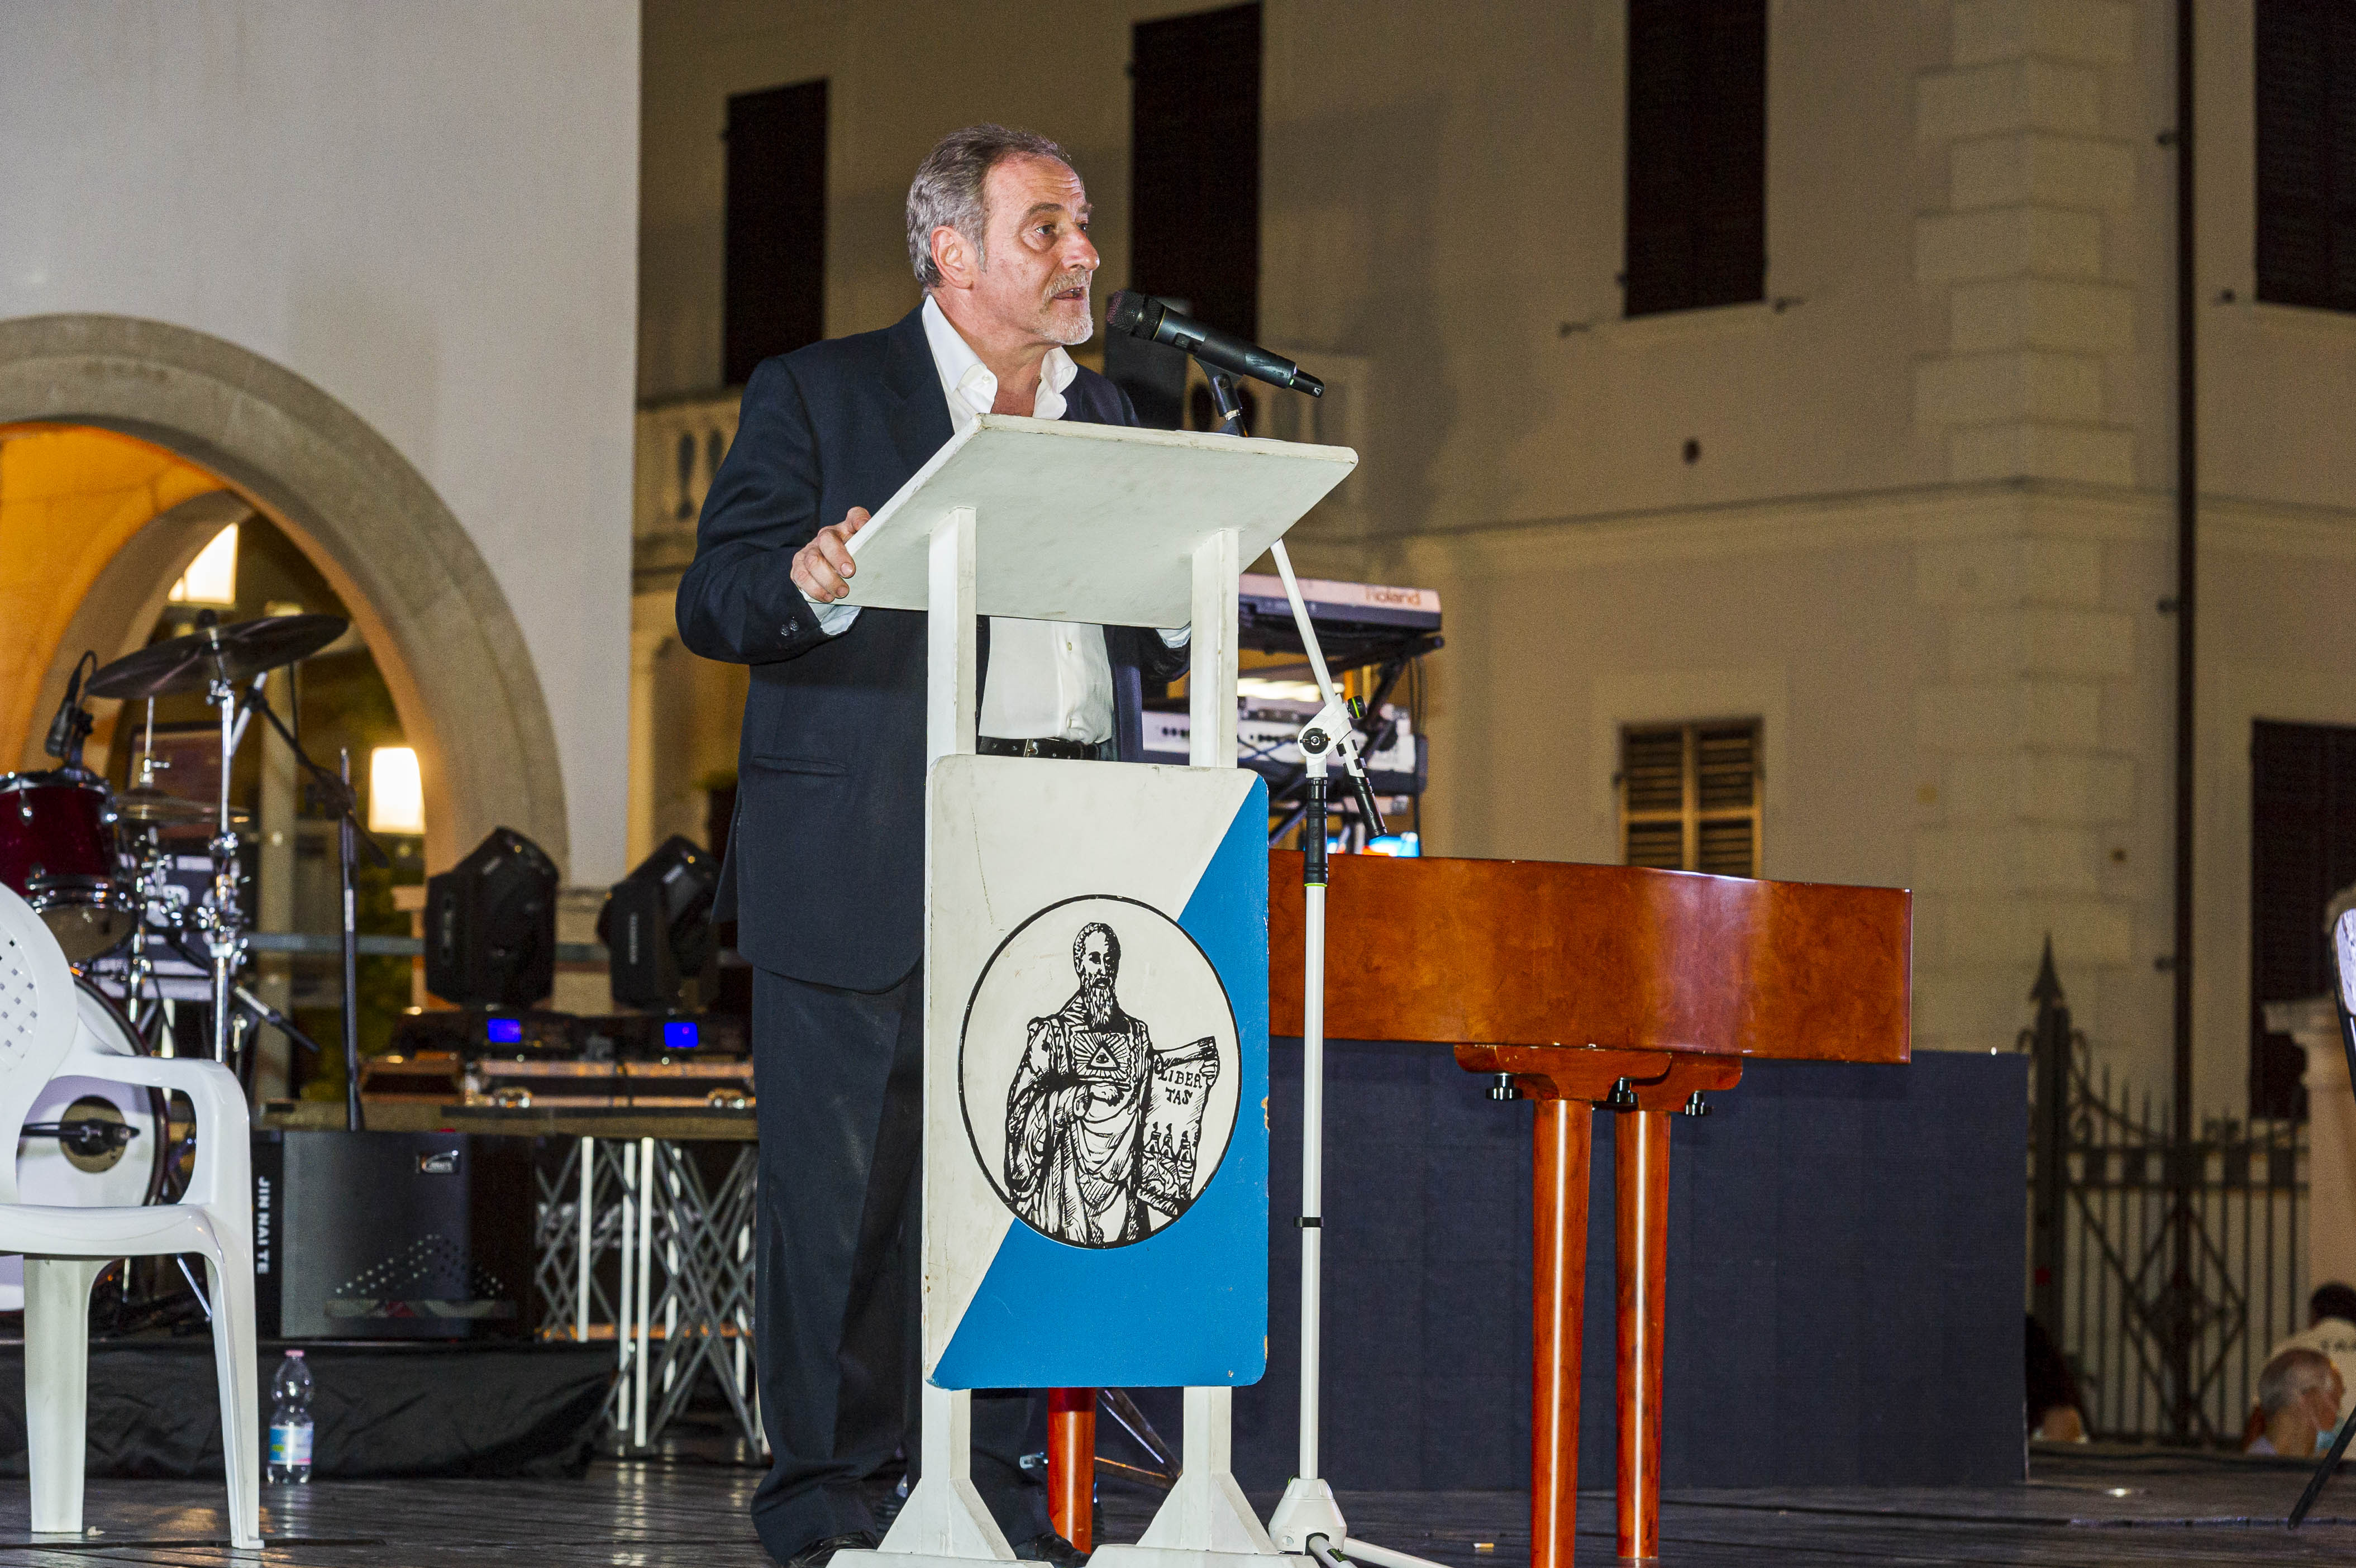 Intervento del Segretario Politico PDCS Gian Carlo Venturini alla 47° Festa dell'amicizia